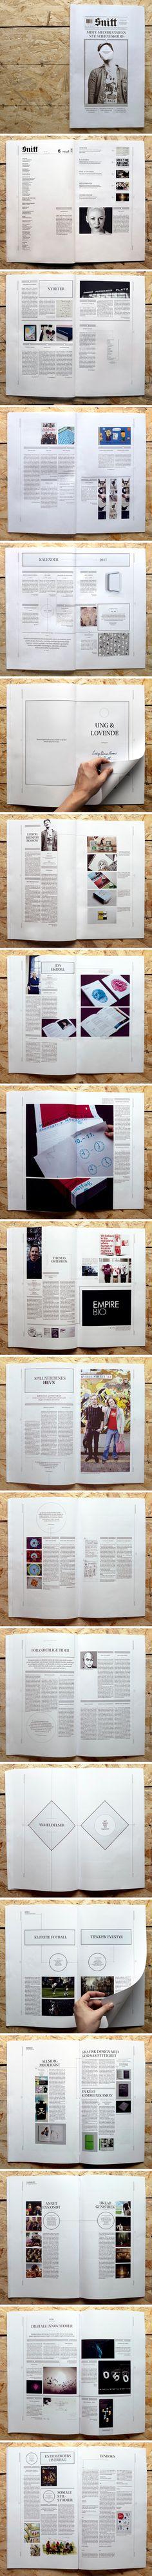 Snitt Magazine / Kristian Allen Larsen